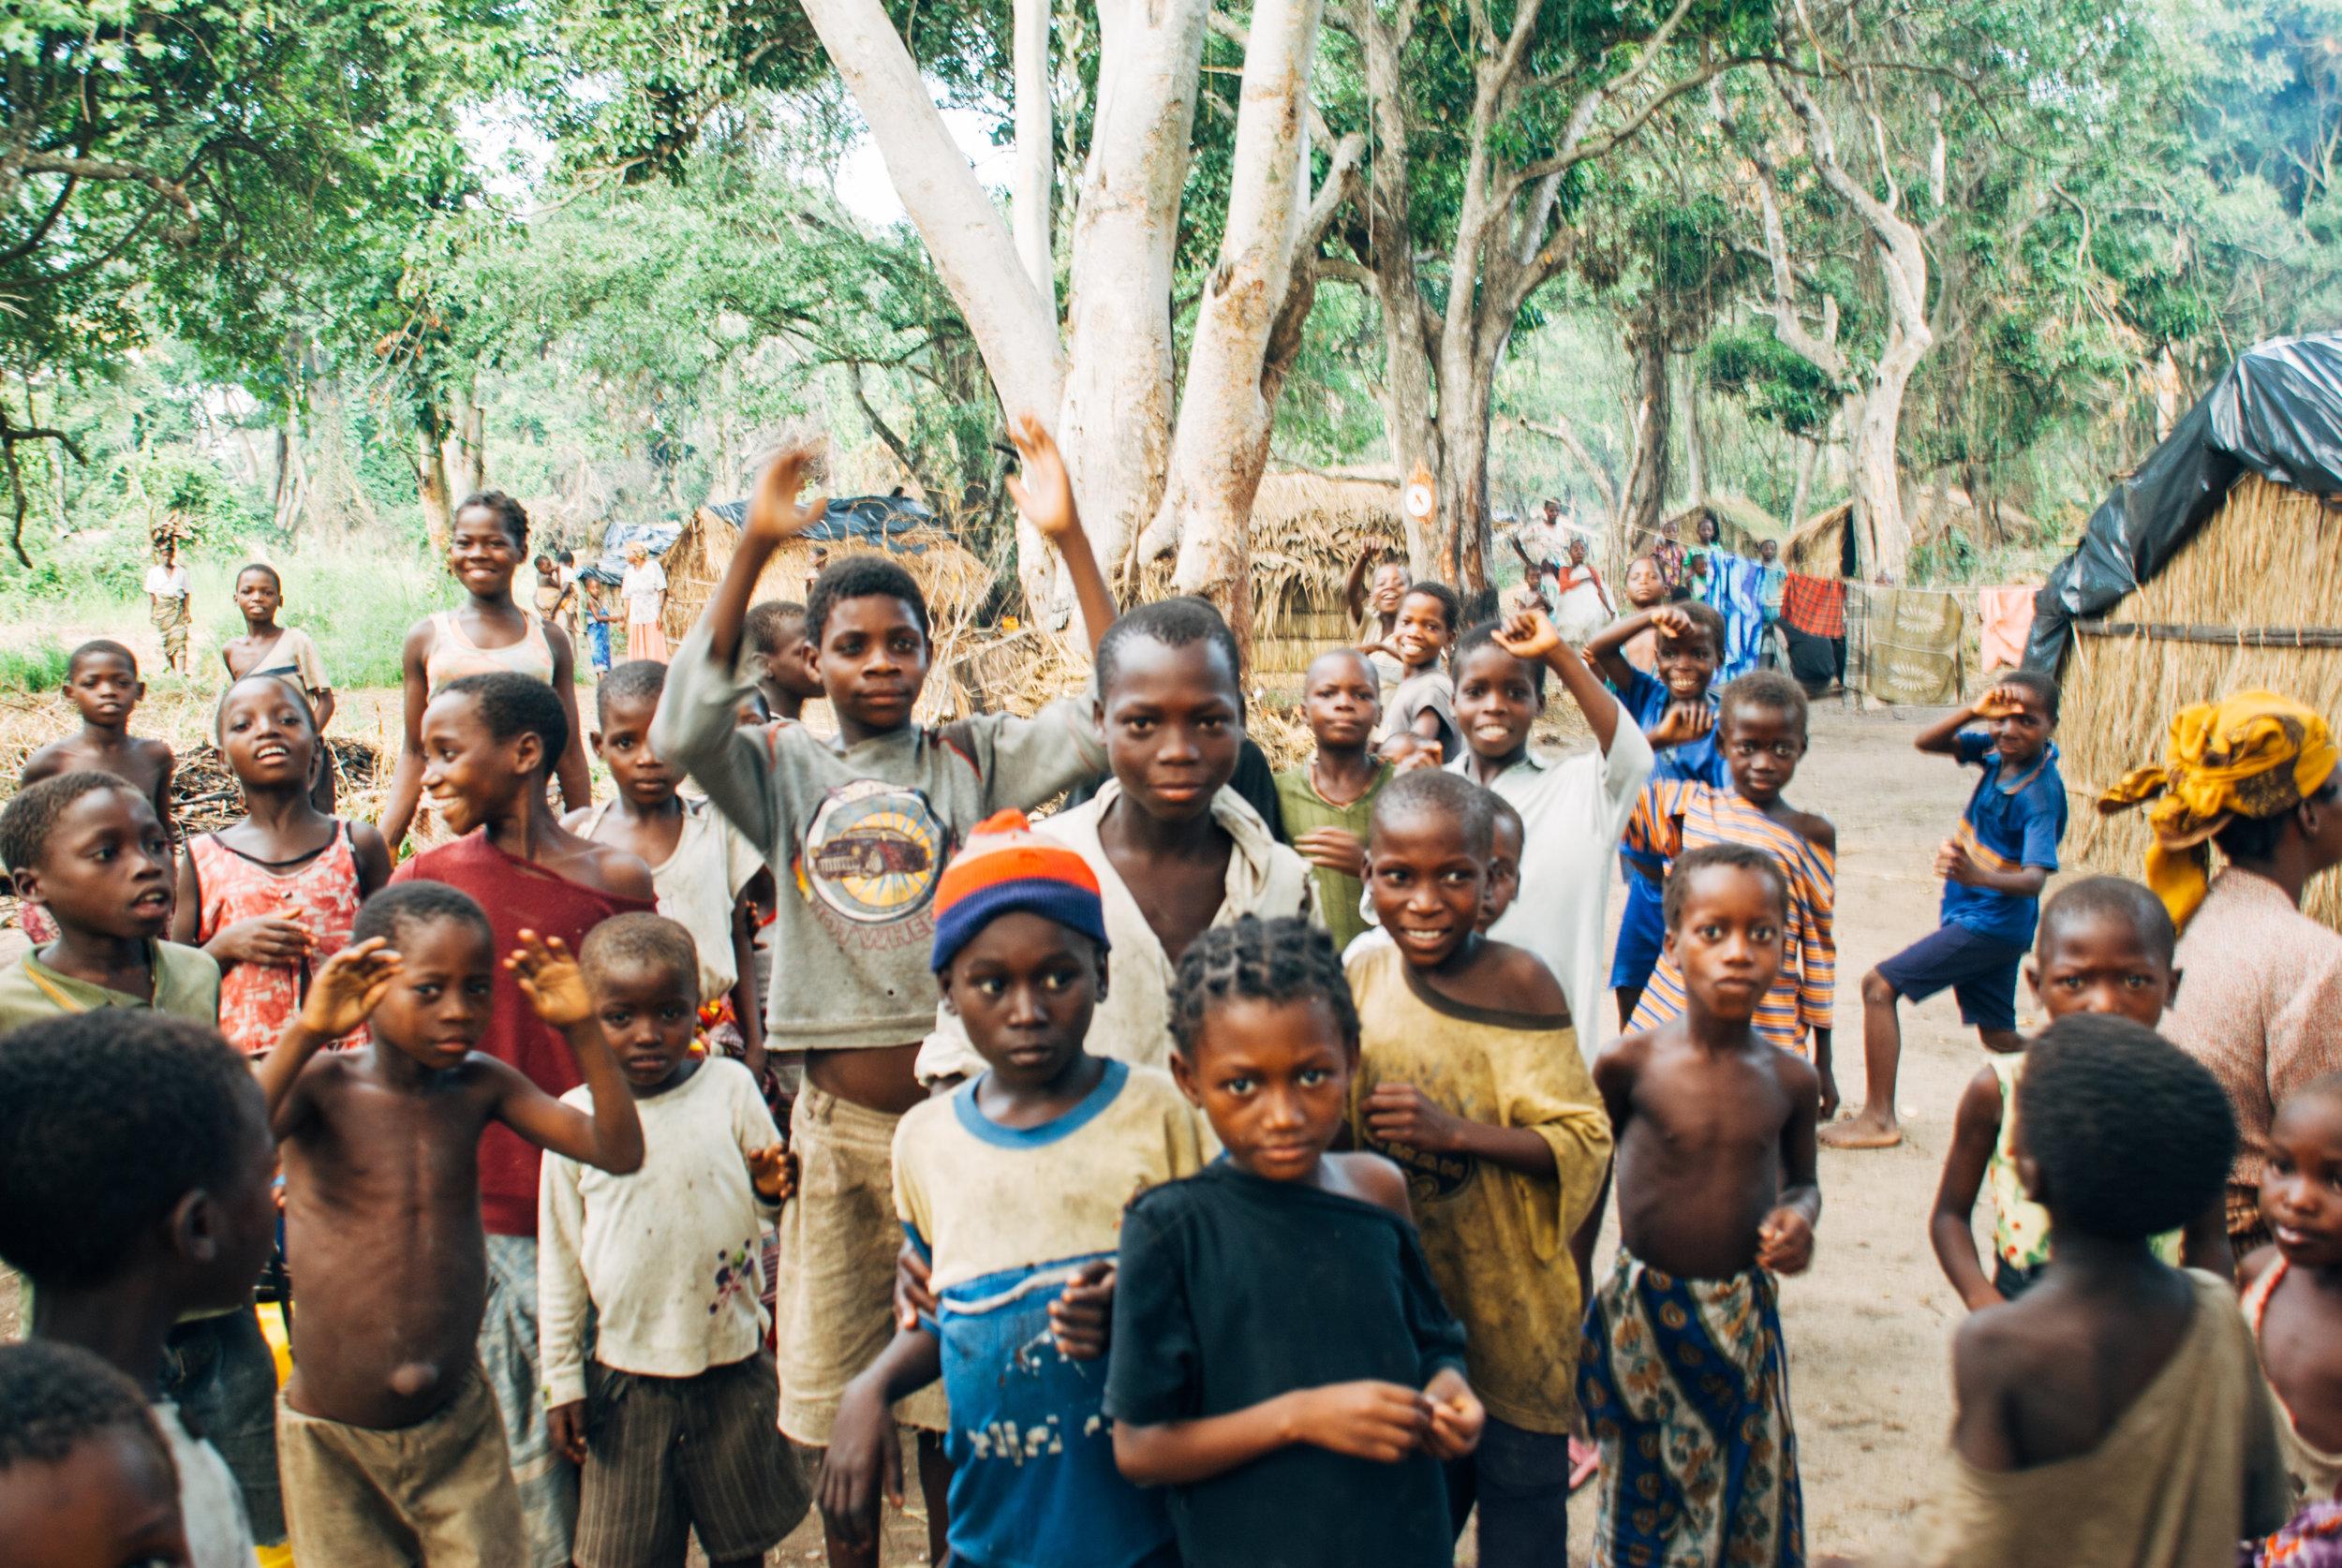 En dag brukte jeg bare på å være sammen med barna i en av campene. Vi hadde det så innmari morsomt. Danset og lo og fotograferte. Da jeg gikk ut av leiren var det med en hale på nesten 100 barn som ville vinke hadet til meg. Da gråt jeg altså!